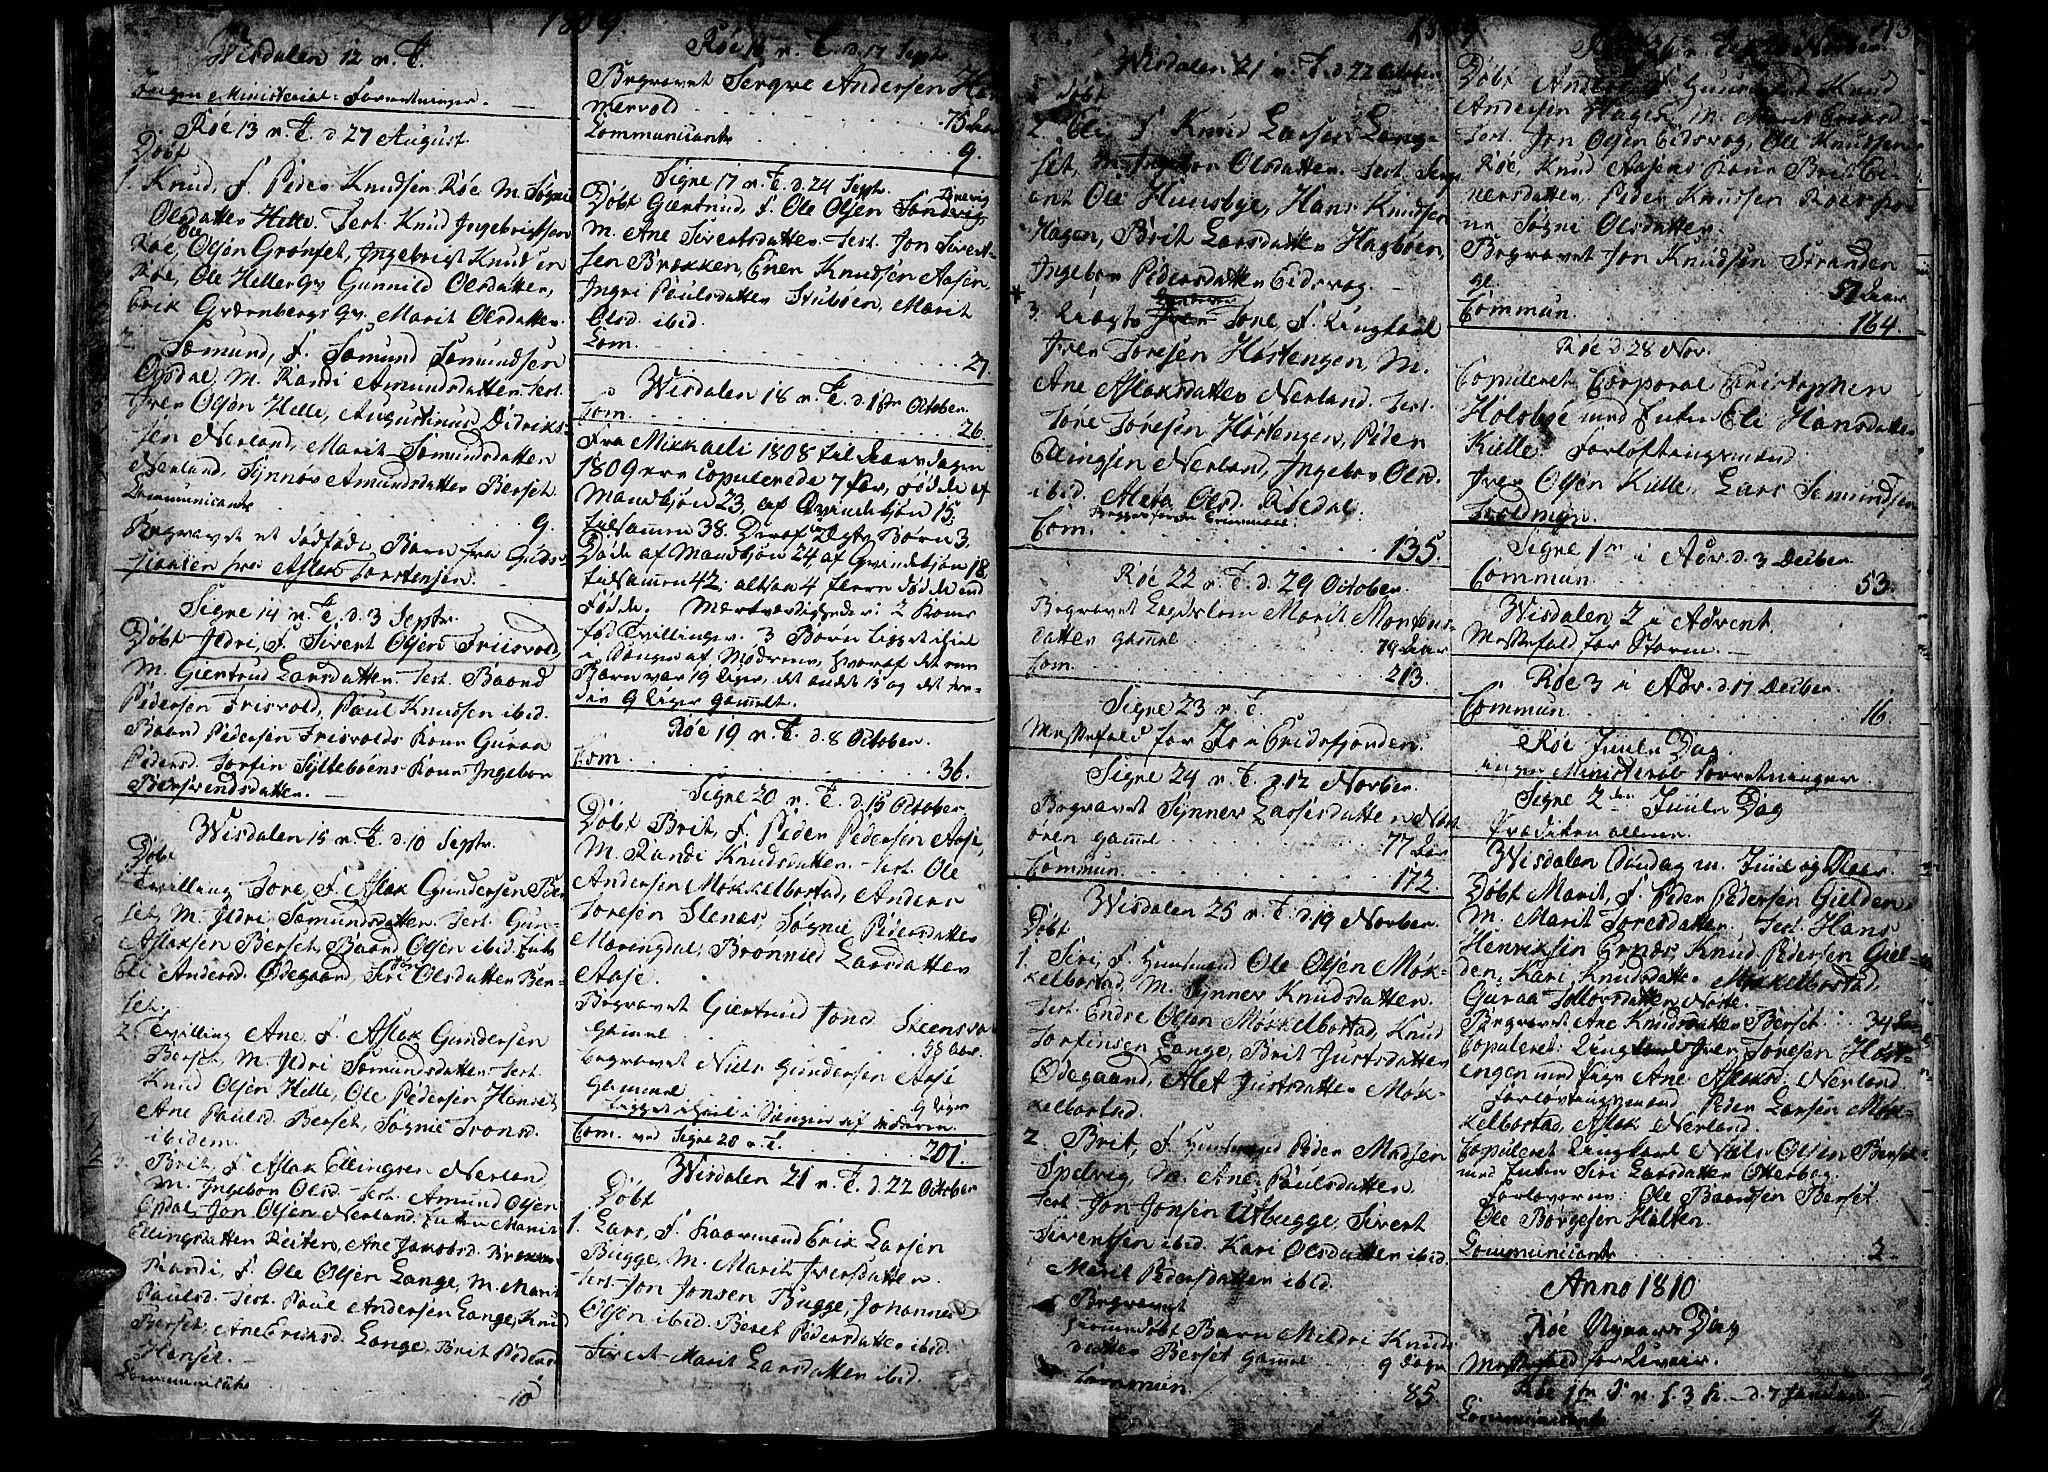 SAT, Ministerialprotokoller, klokkerbøker og fødselsregistre - Møre og Romsdal, 551/L0622: Ministerialbok nr. 551A02, 1804-1845, s. 42-43